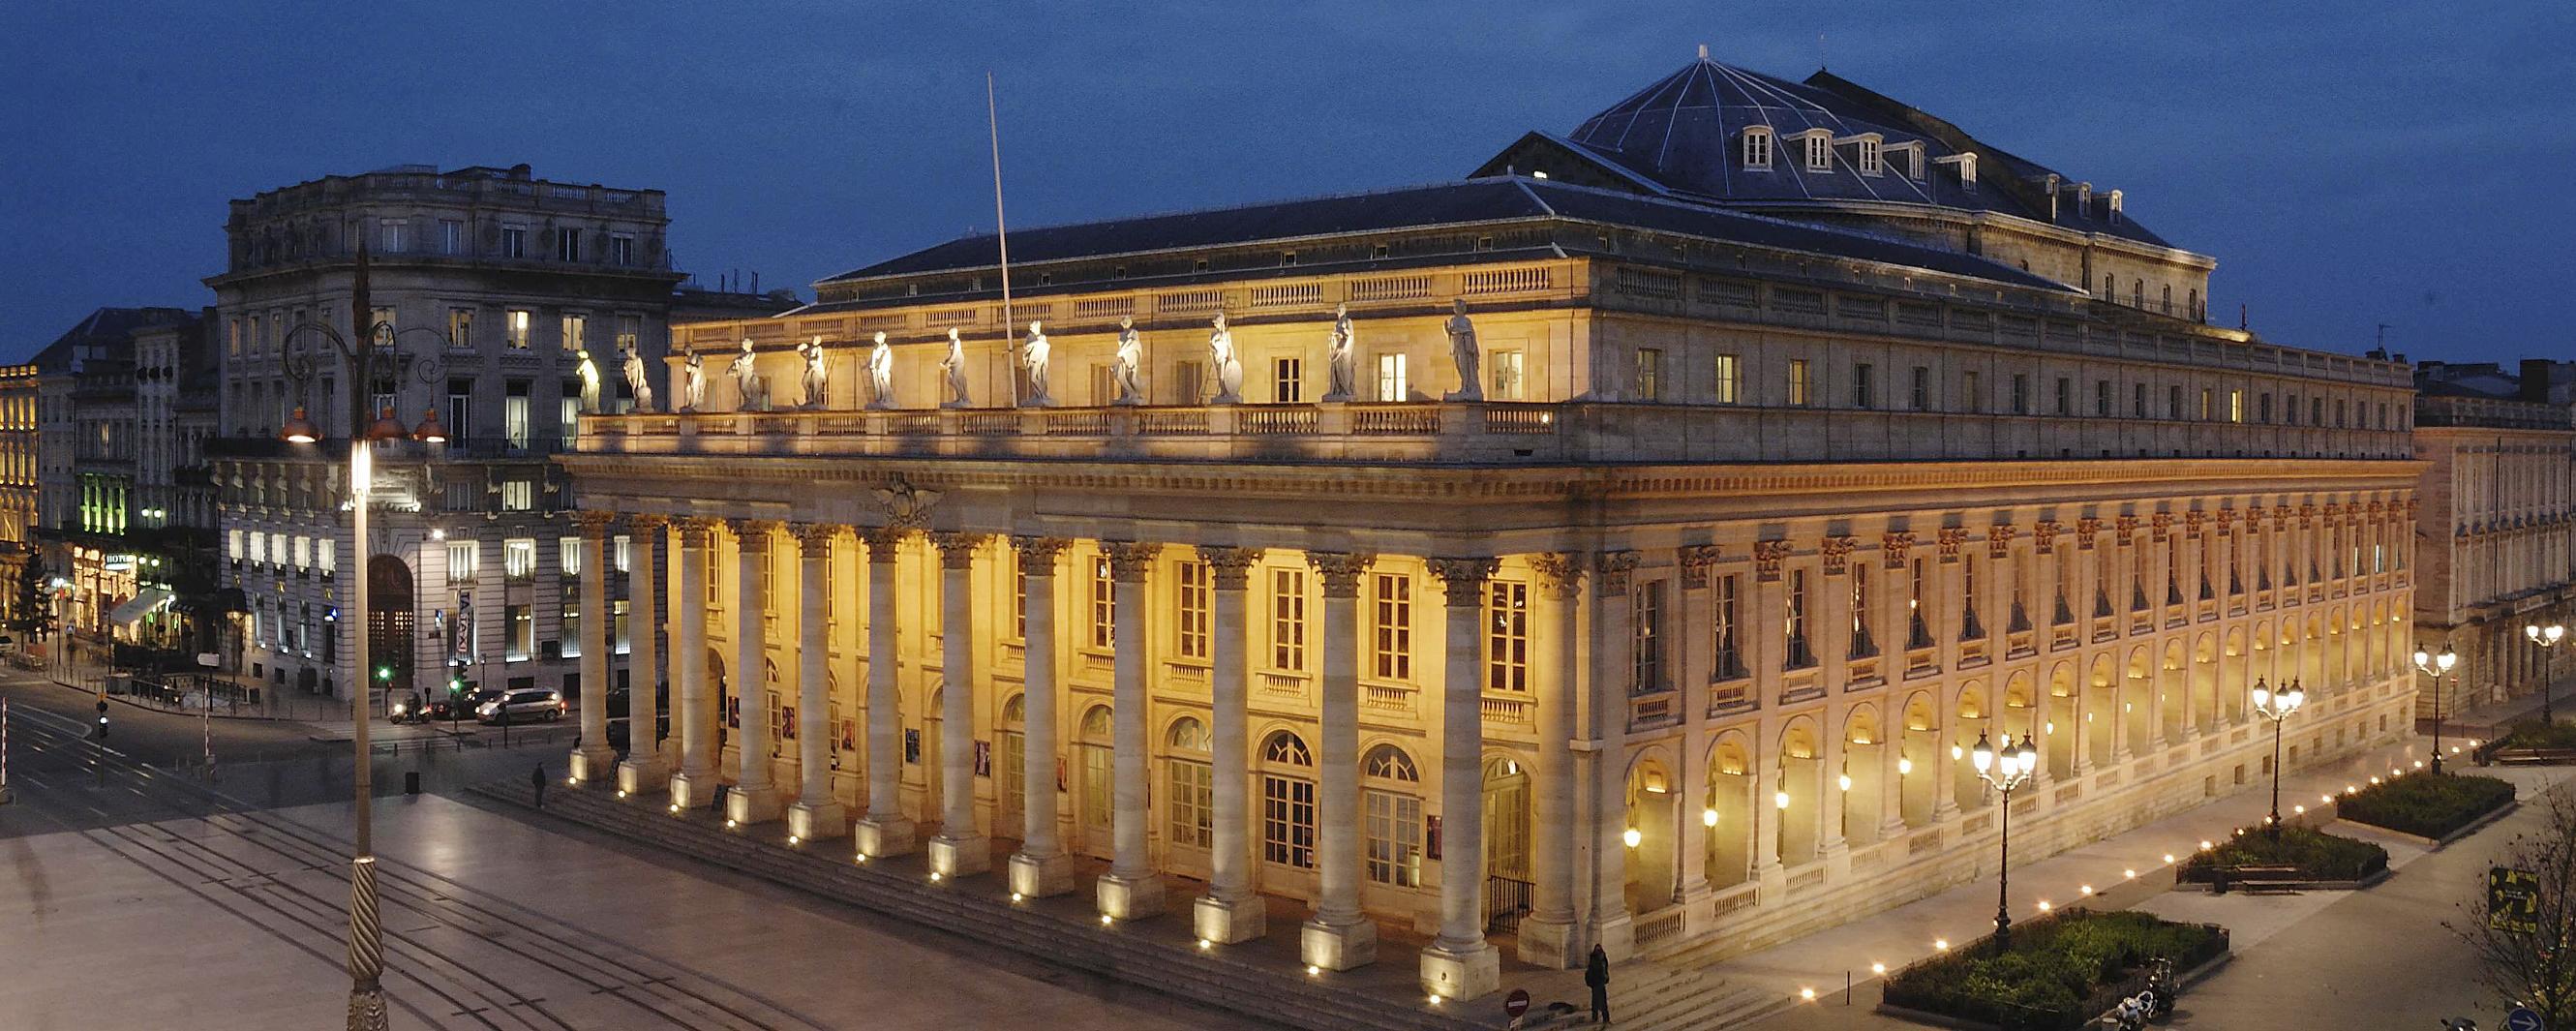 Grand Théâtre, Bordeaux